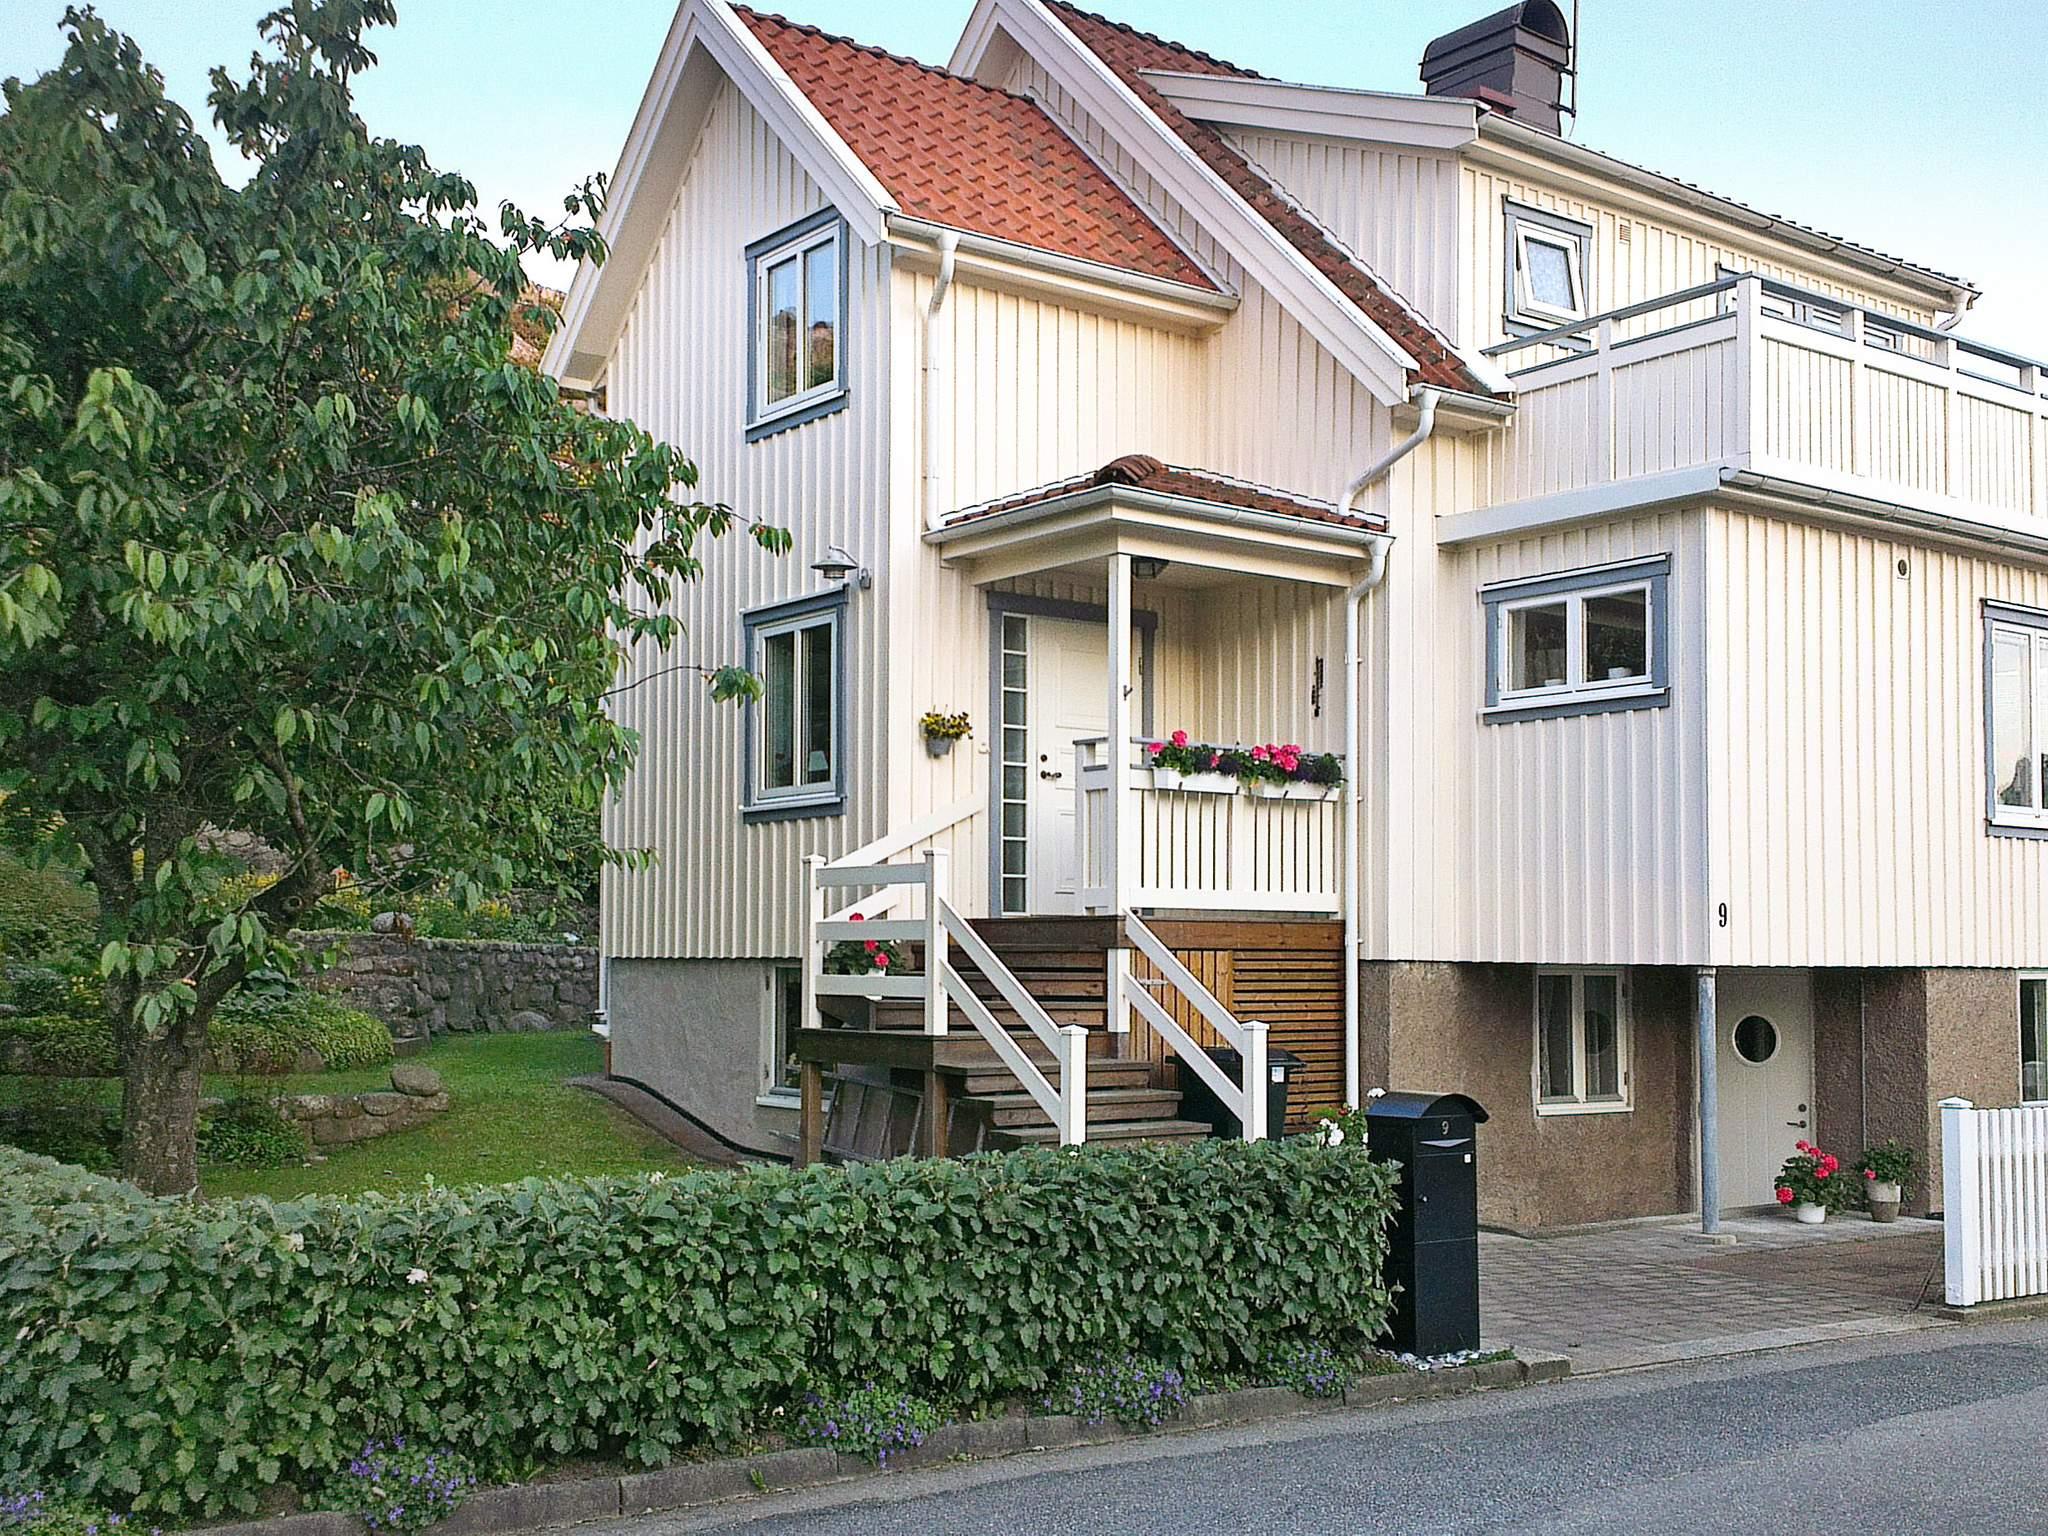 Ferienhaus Tjörn/Skärhamn (1625444), Skärhamn, Tjörn, Westschweden, Schweden, Bild 1